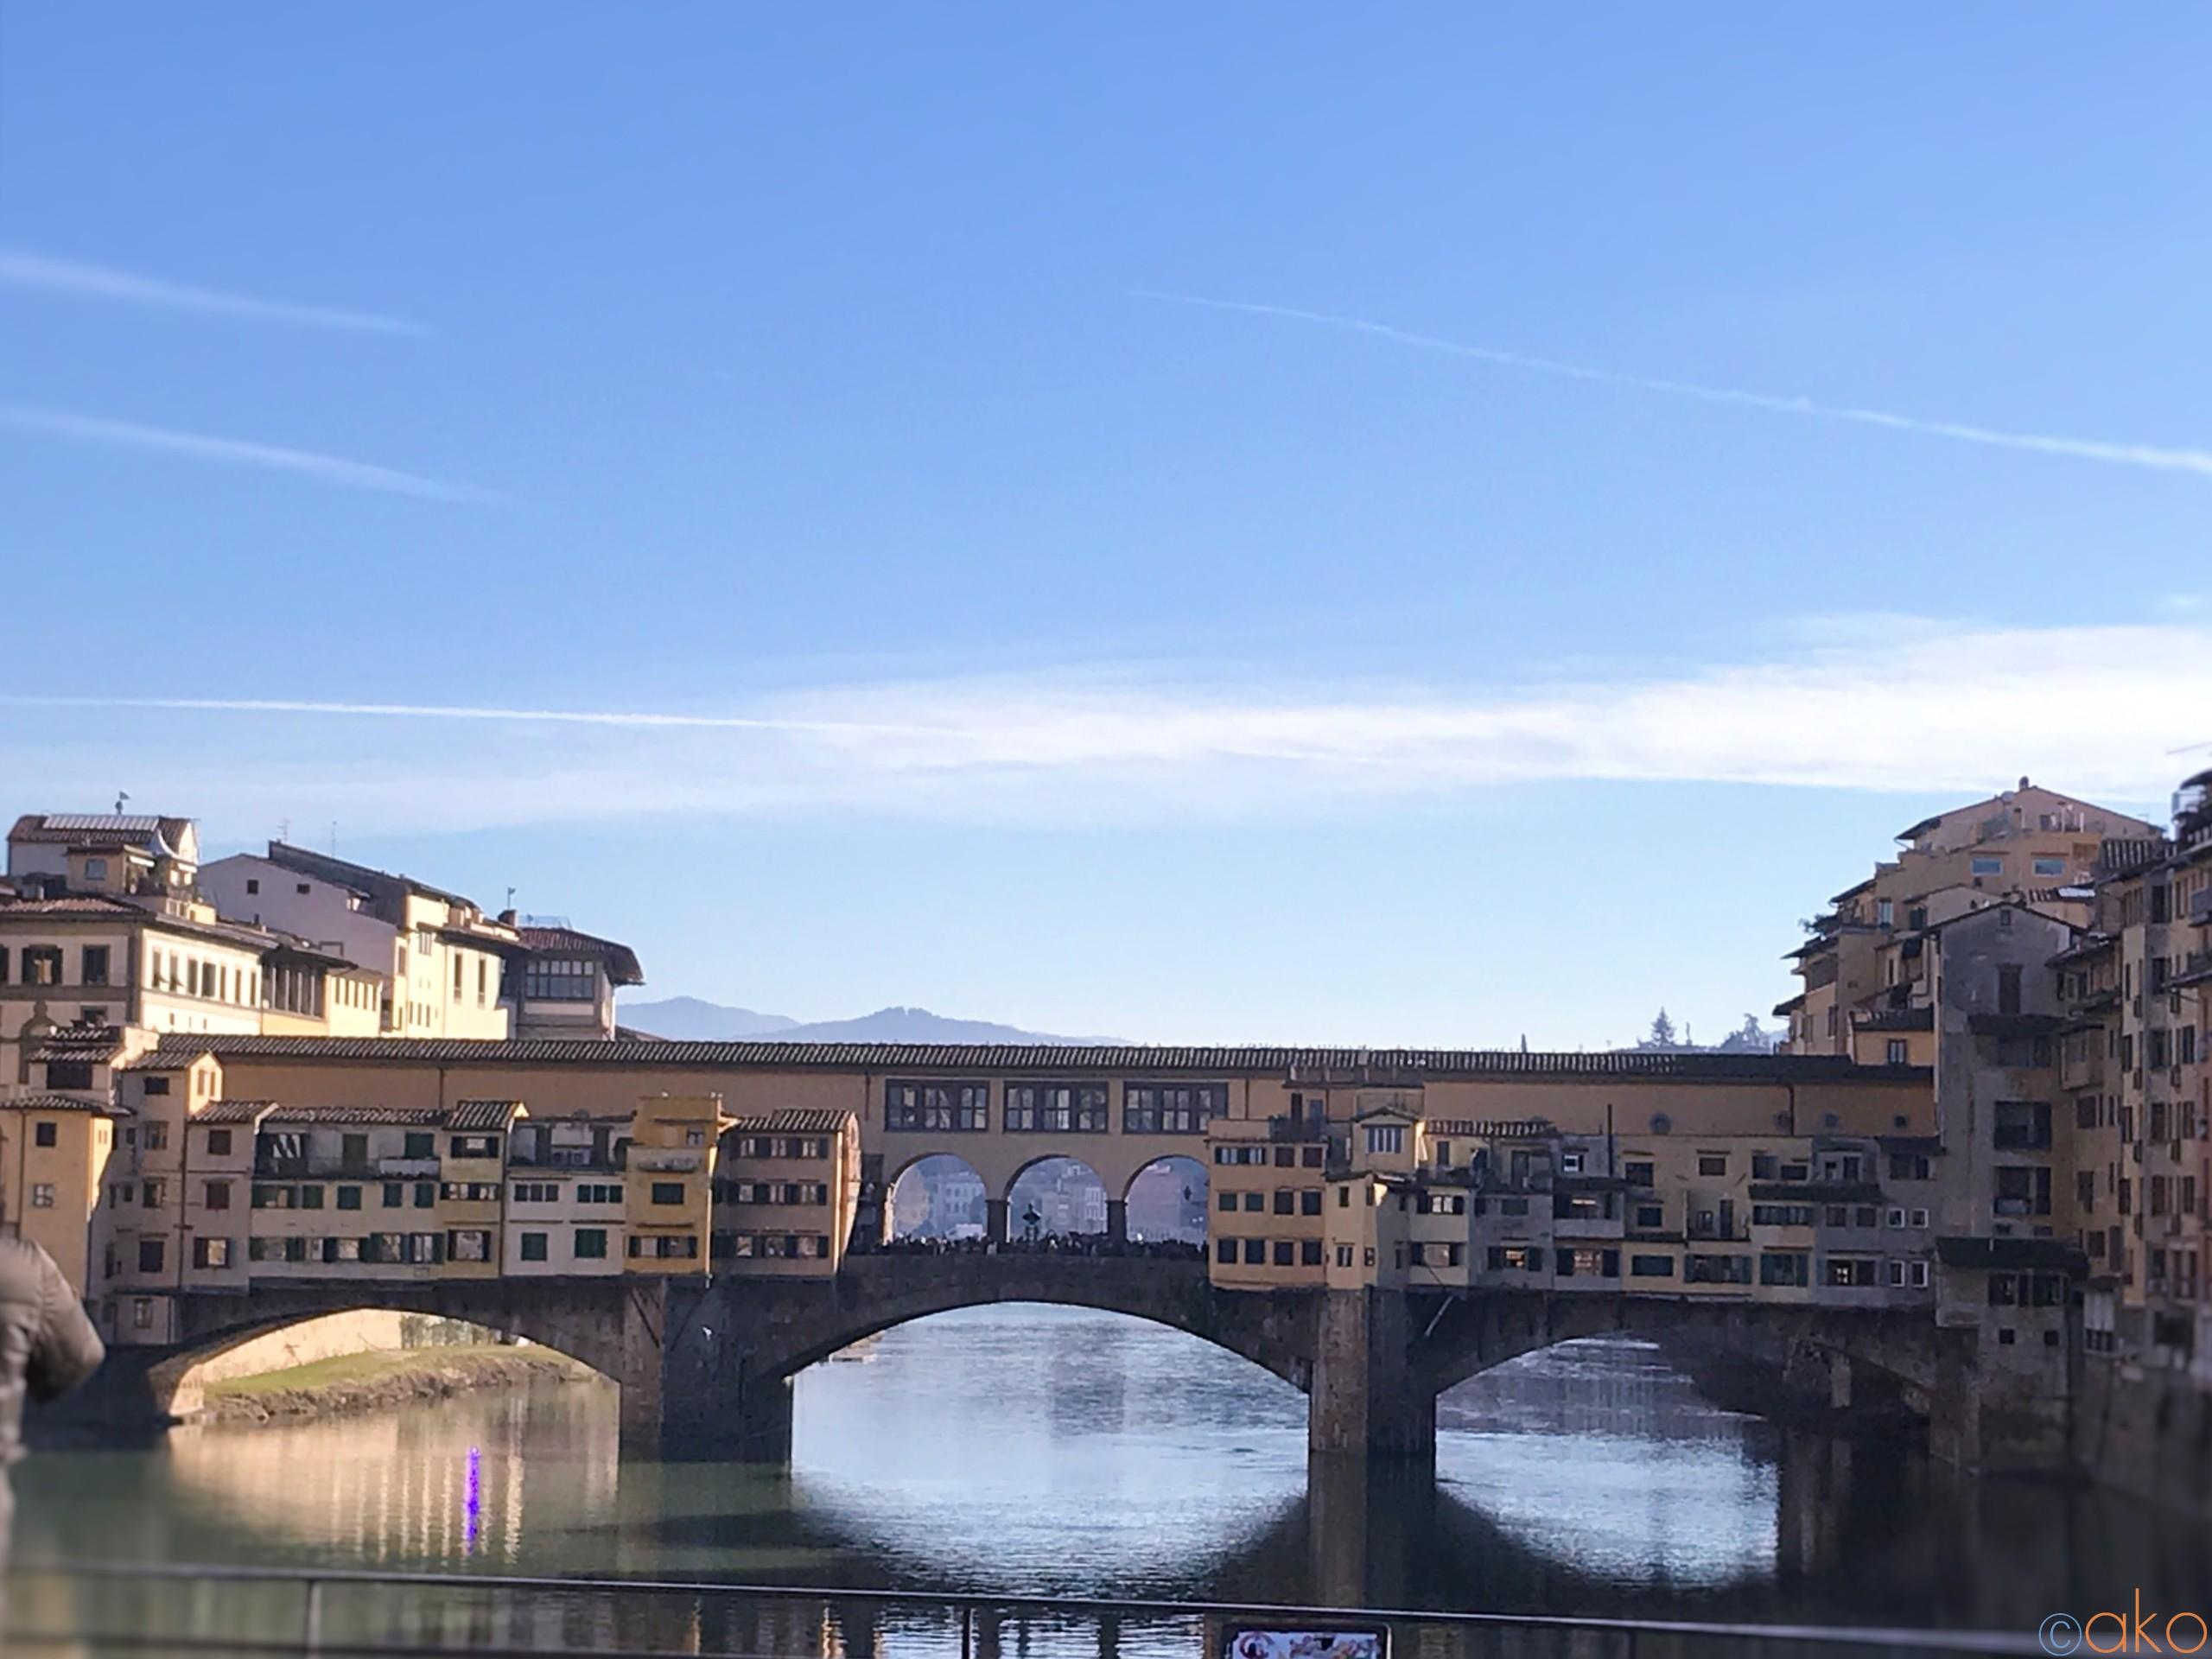 フィレンツェの街に華を添える明橋「ヴェッキオ橋」堪能ガイド♡ | イタリア観光ガイド